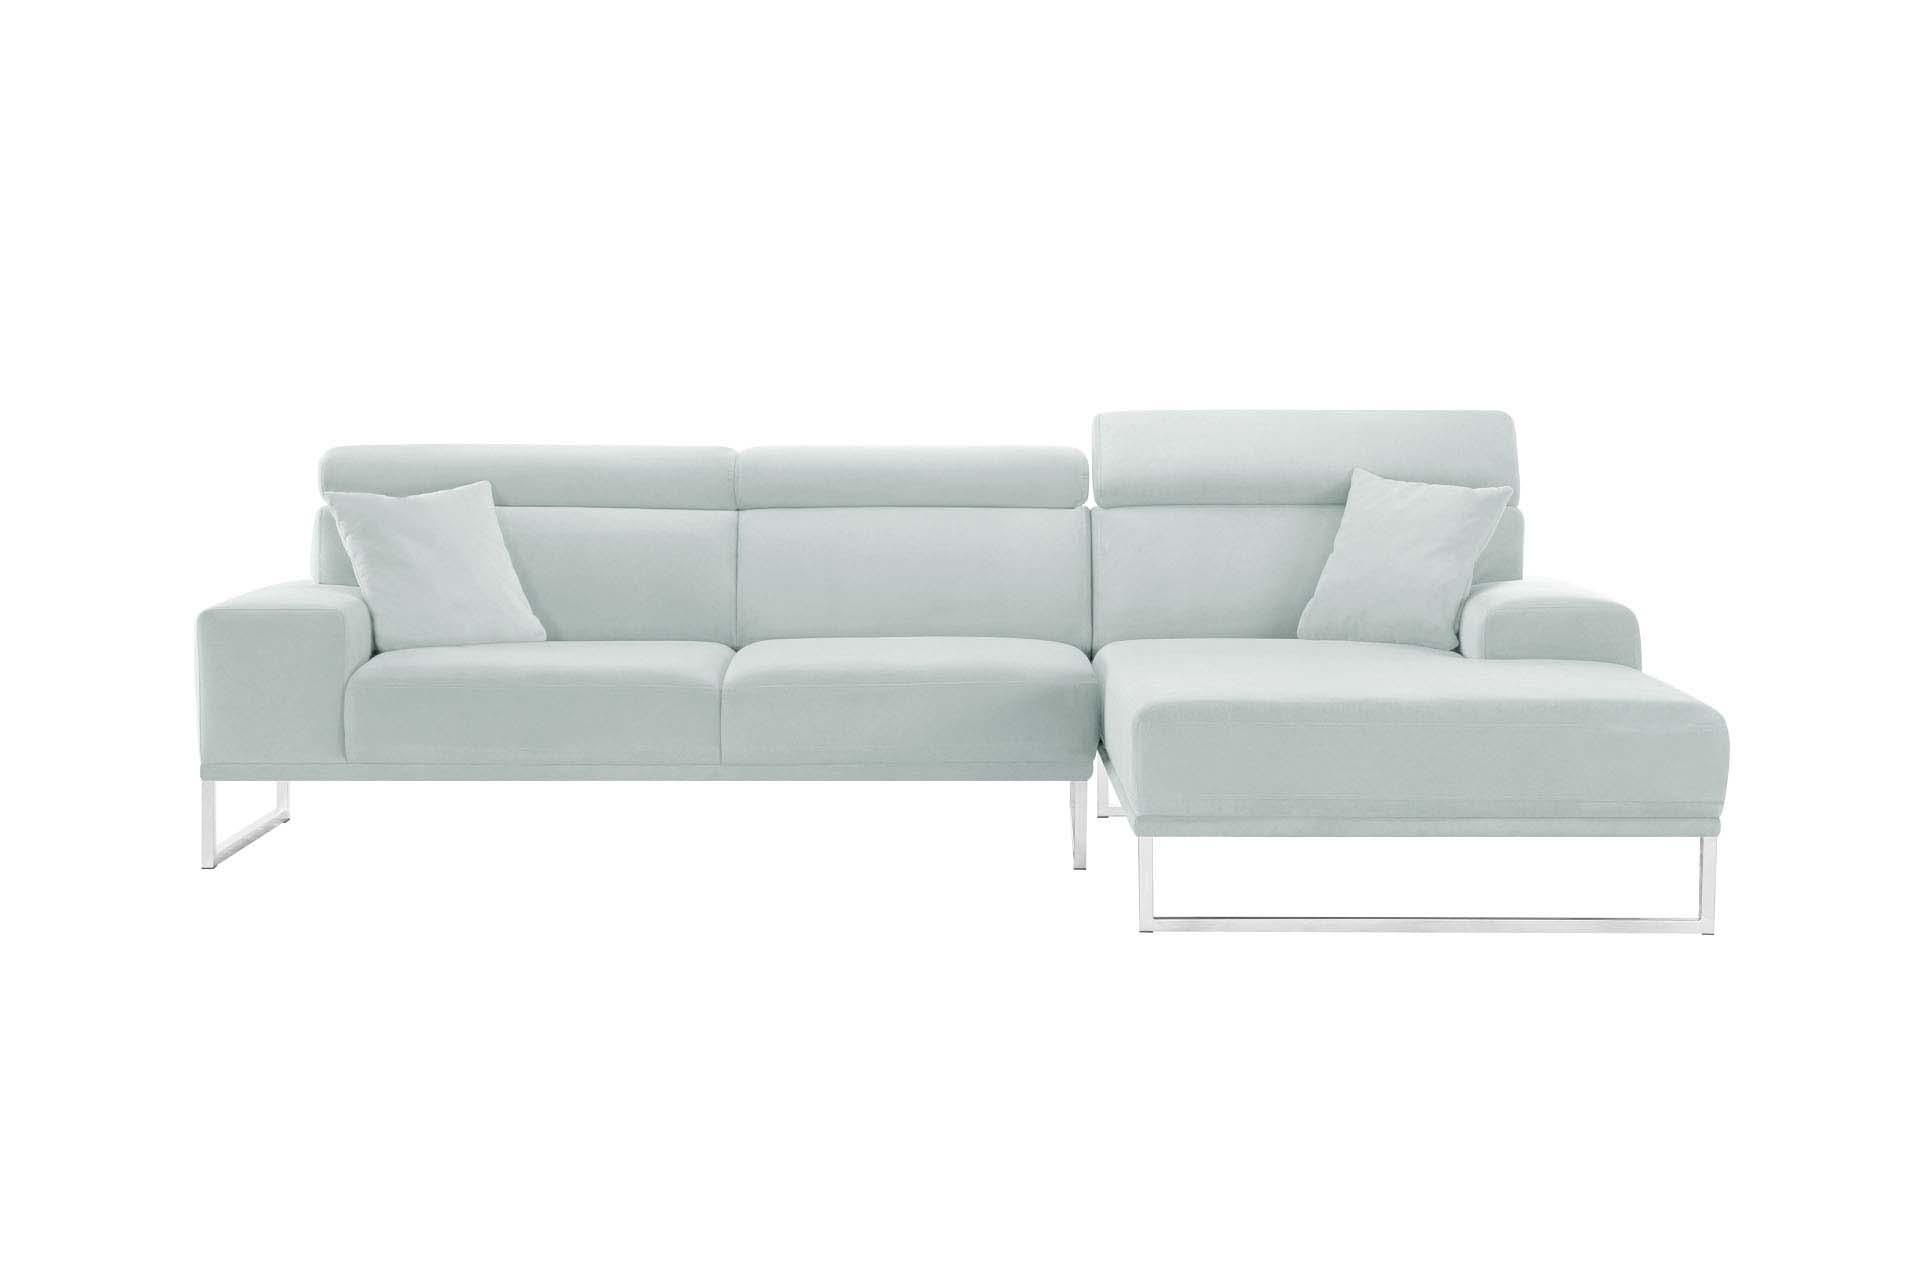 Canapé d'angle droit 5 places en velours gris pastel